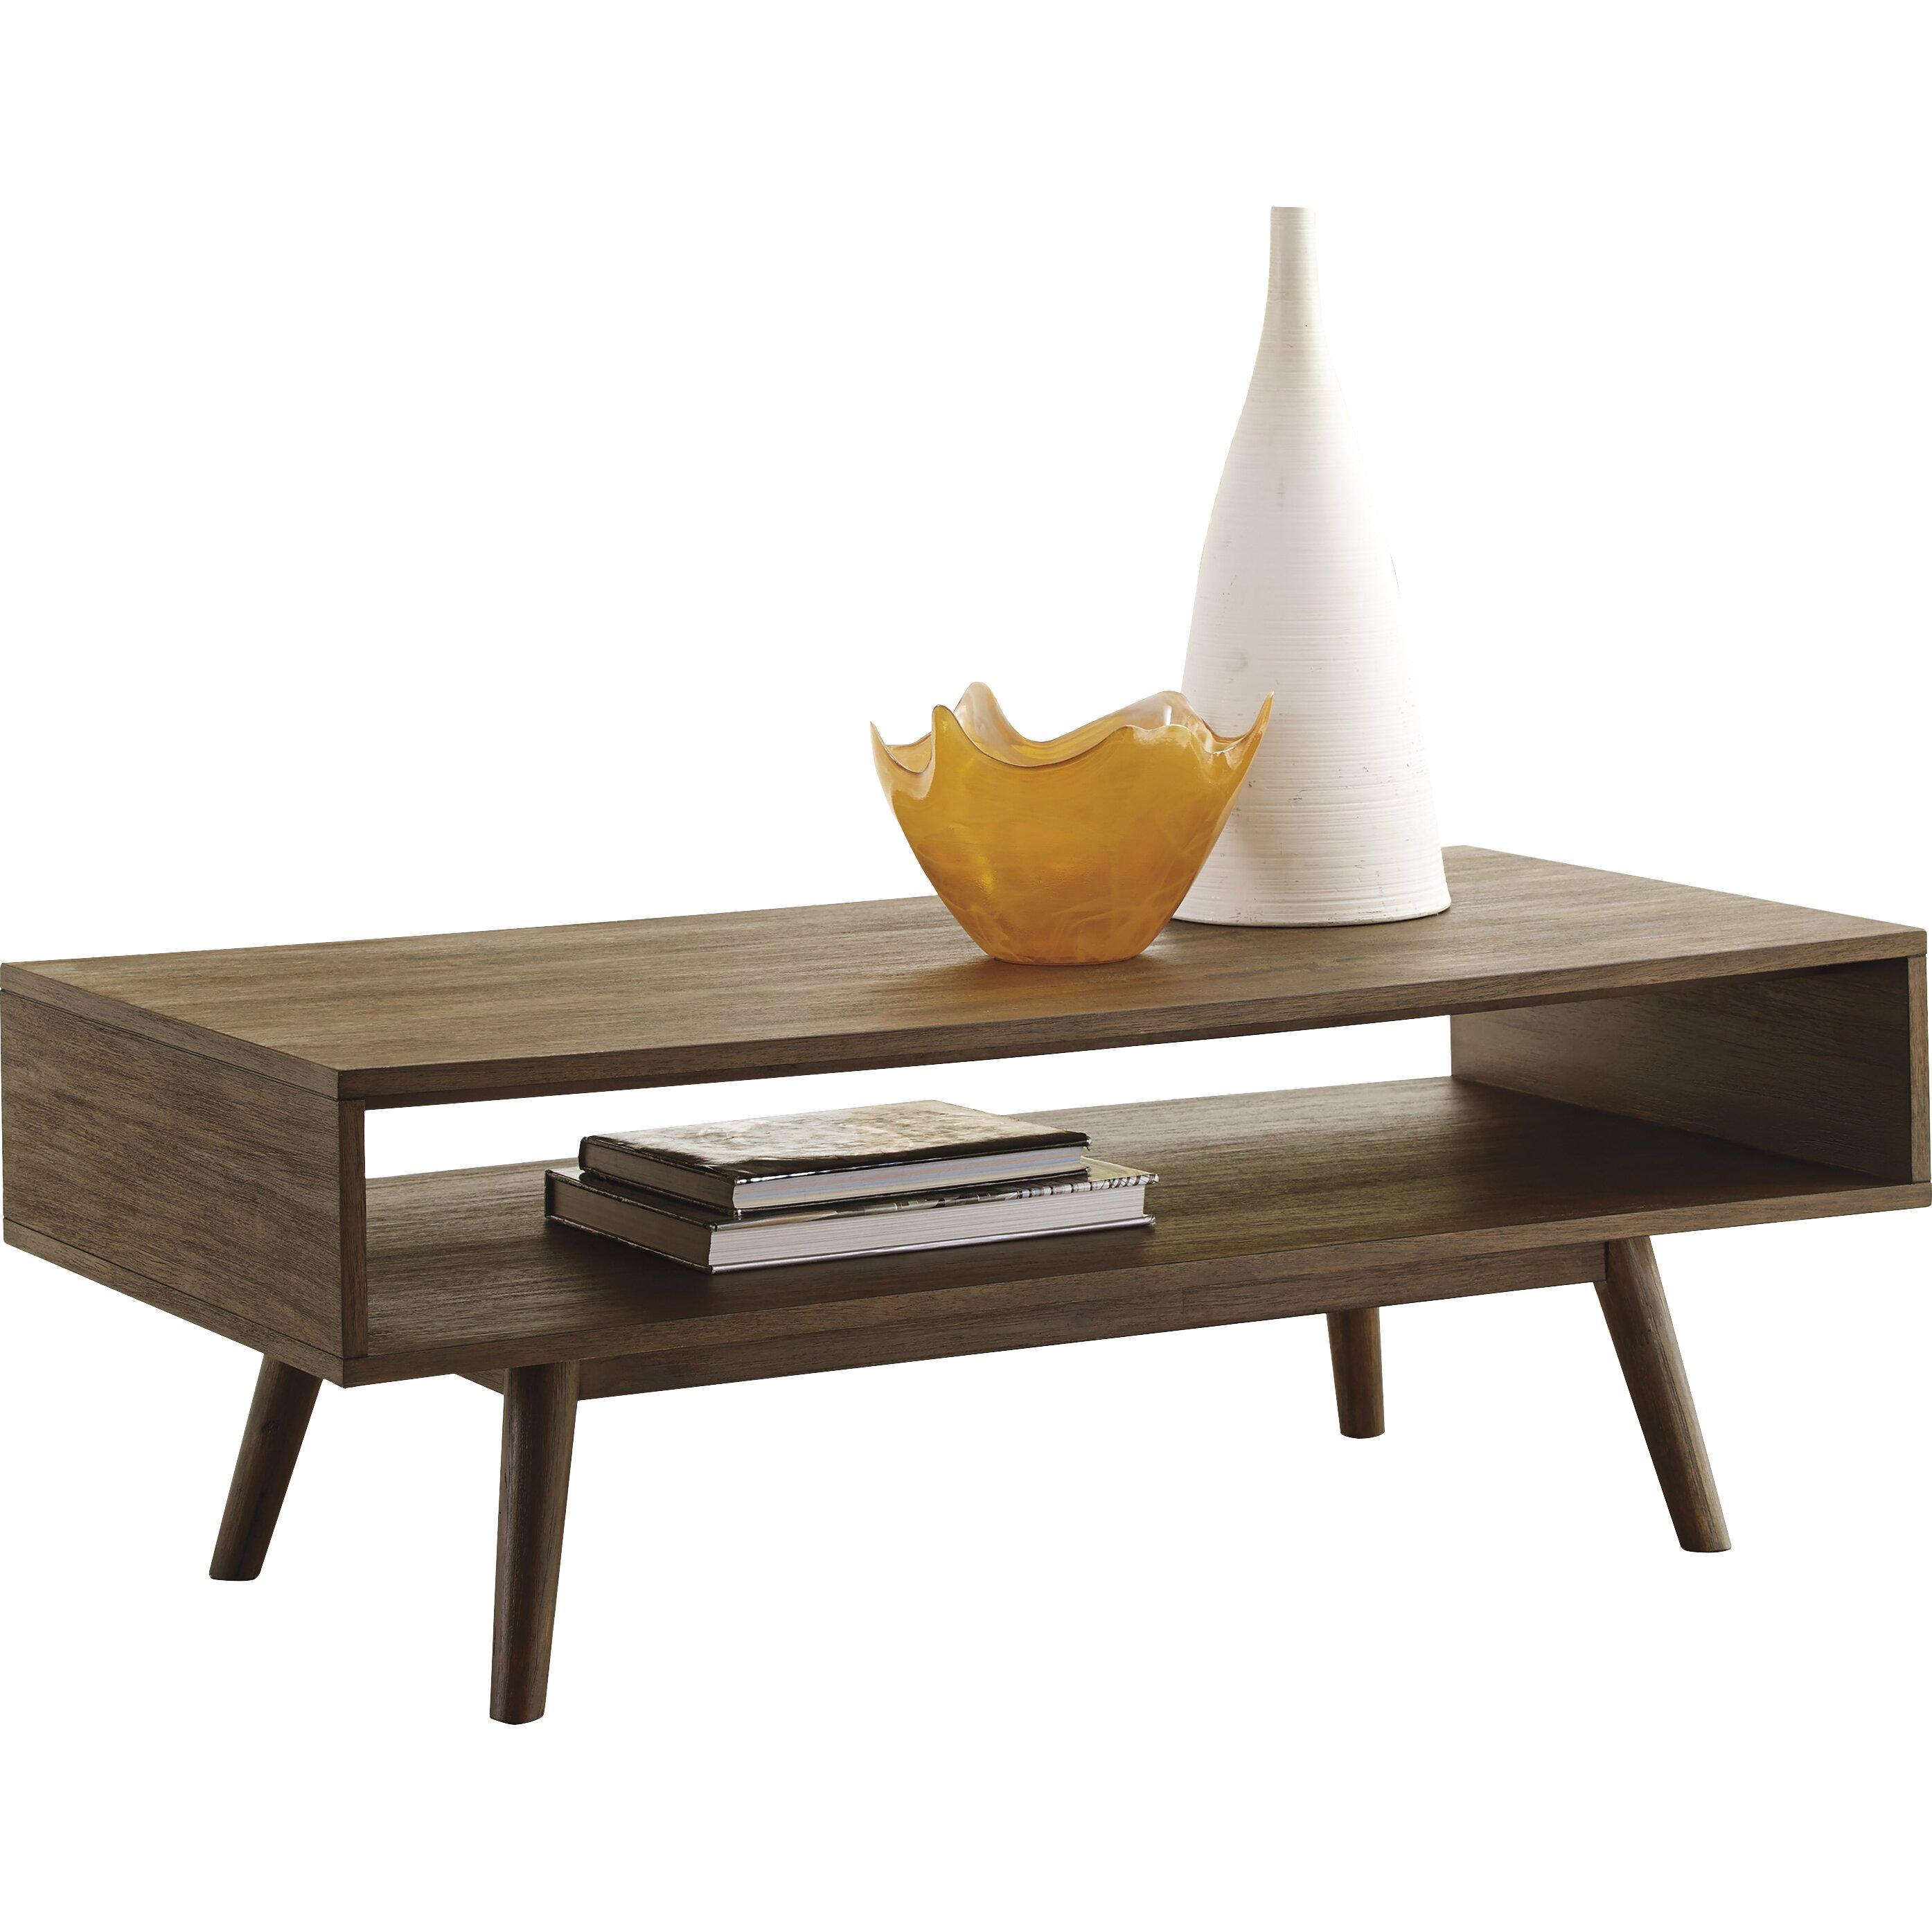 Brayden Studio Holliday Coffee Table & Reviews